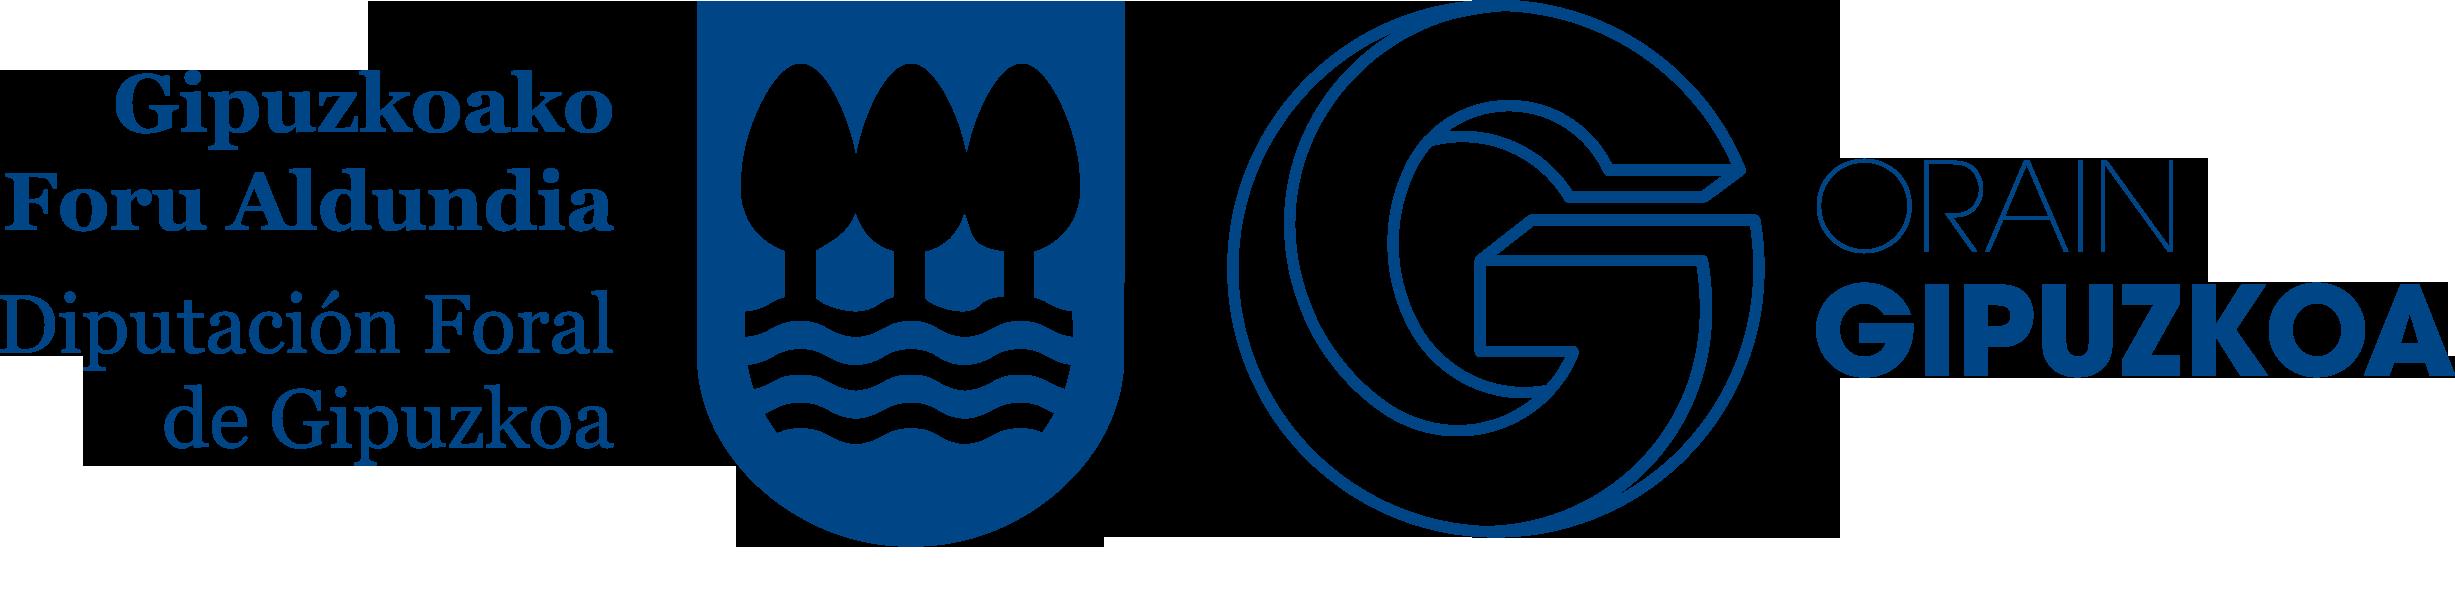 logo berriak 1